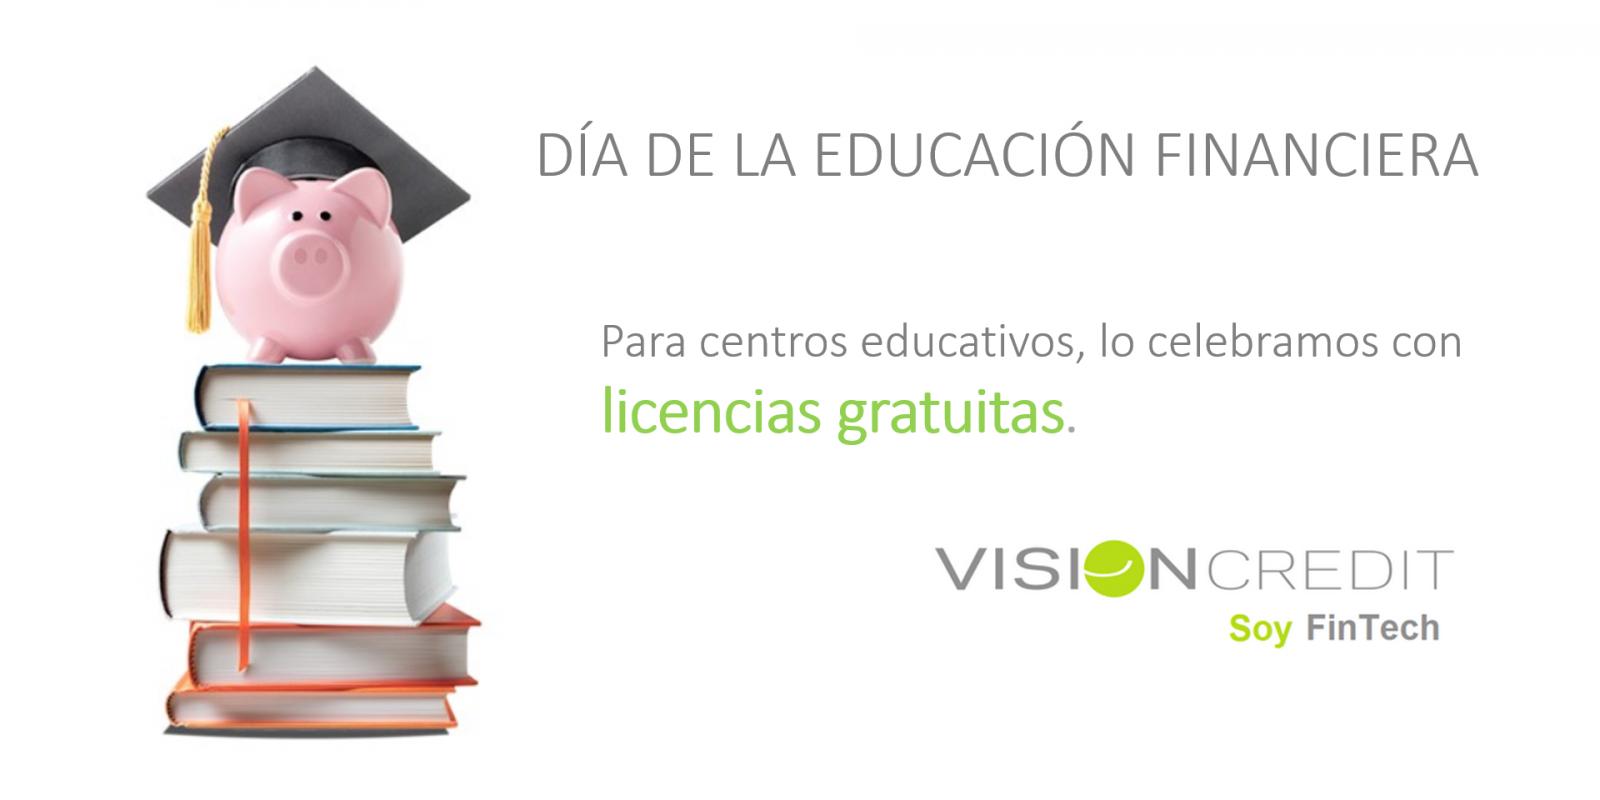 Día de la educación financiera VisionCredit